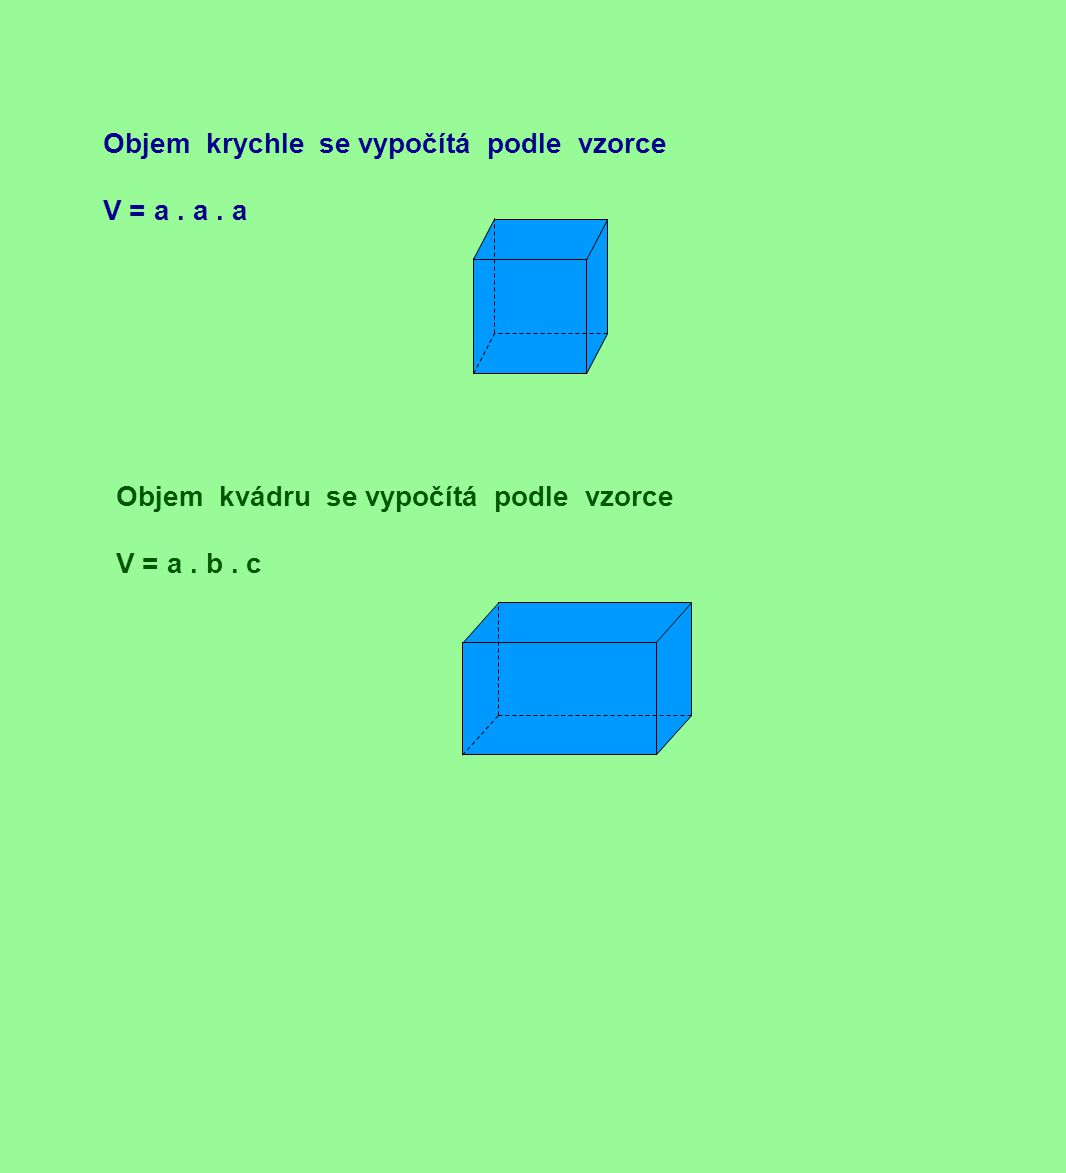 Objem krychle se vypočítá podle vzorce